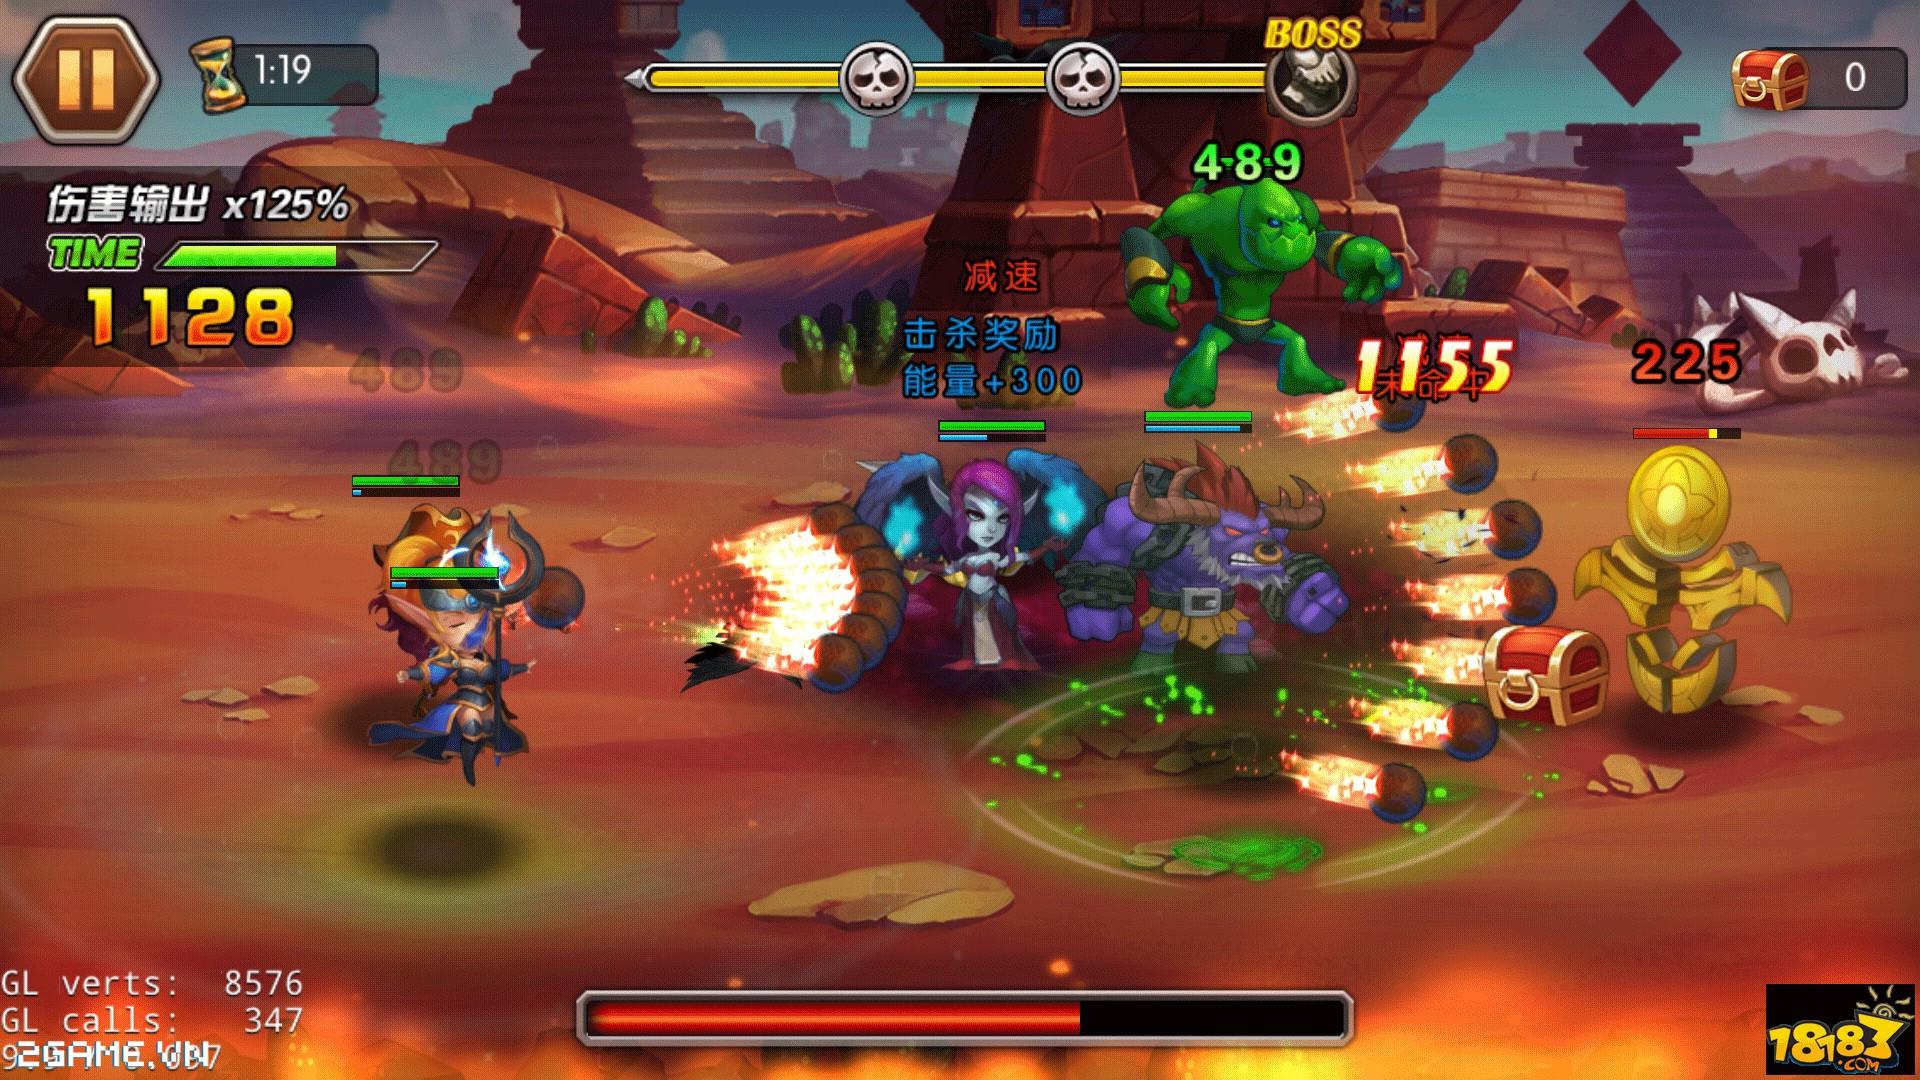 LOL Arena có tính chiến thuật chuyên sâu vãi nồi! 4